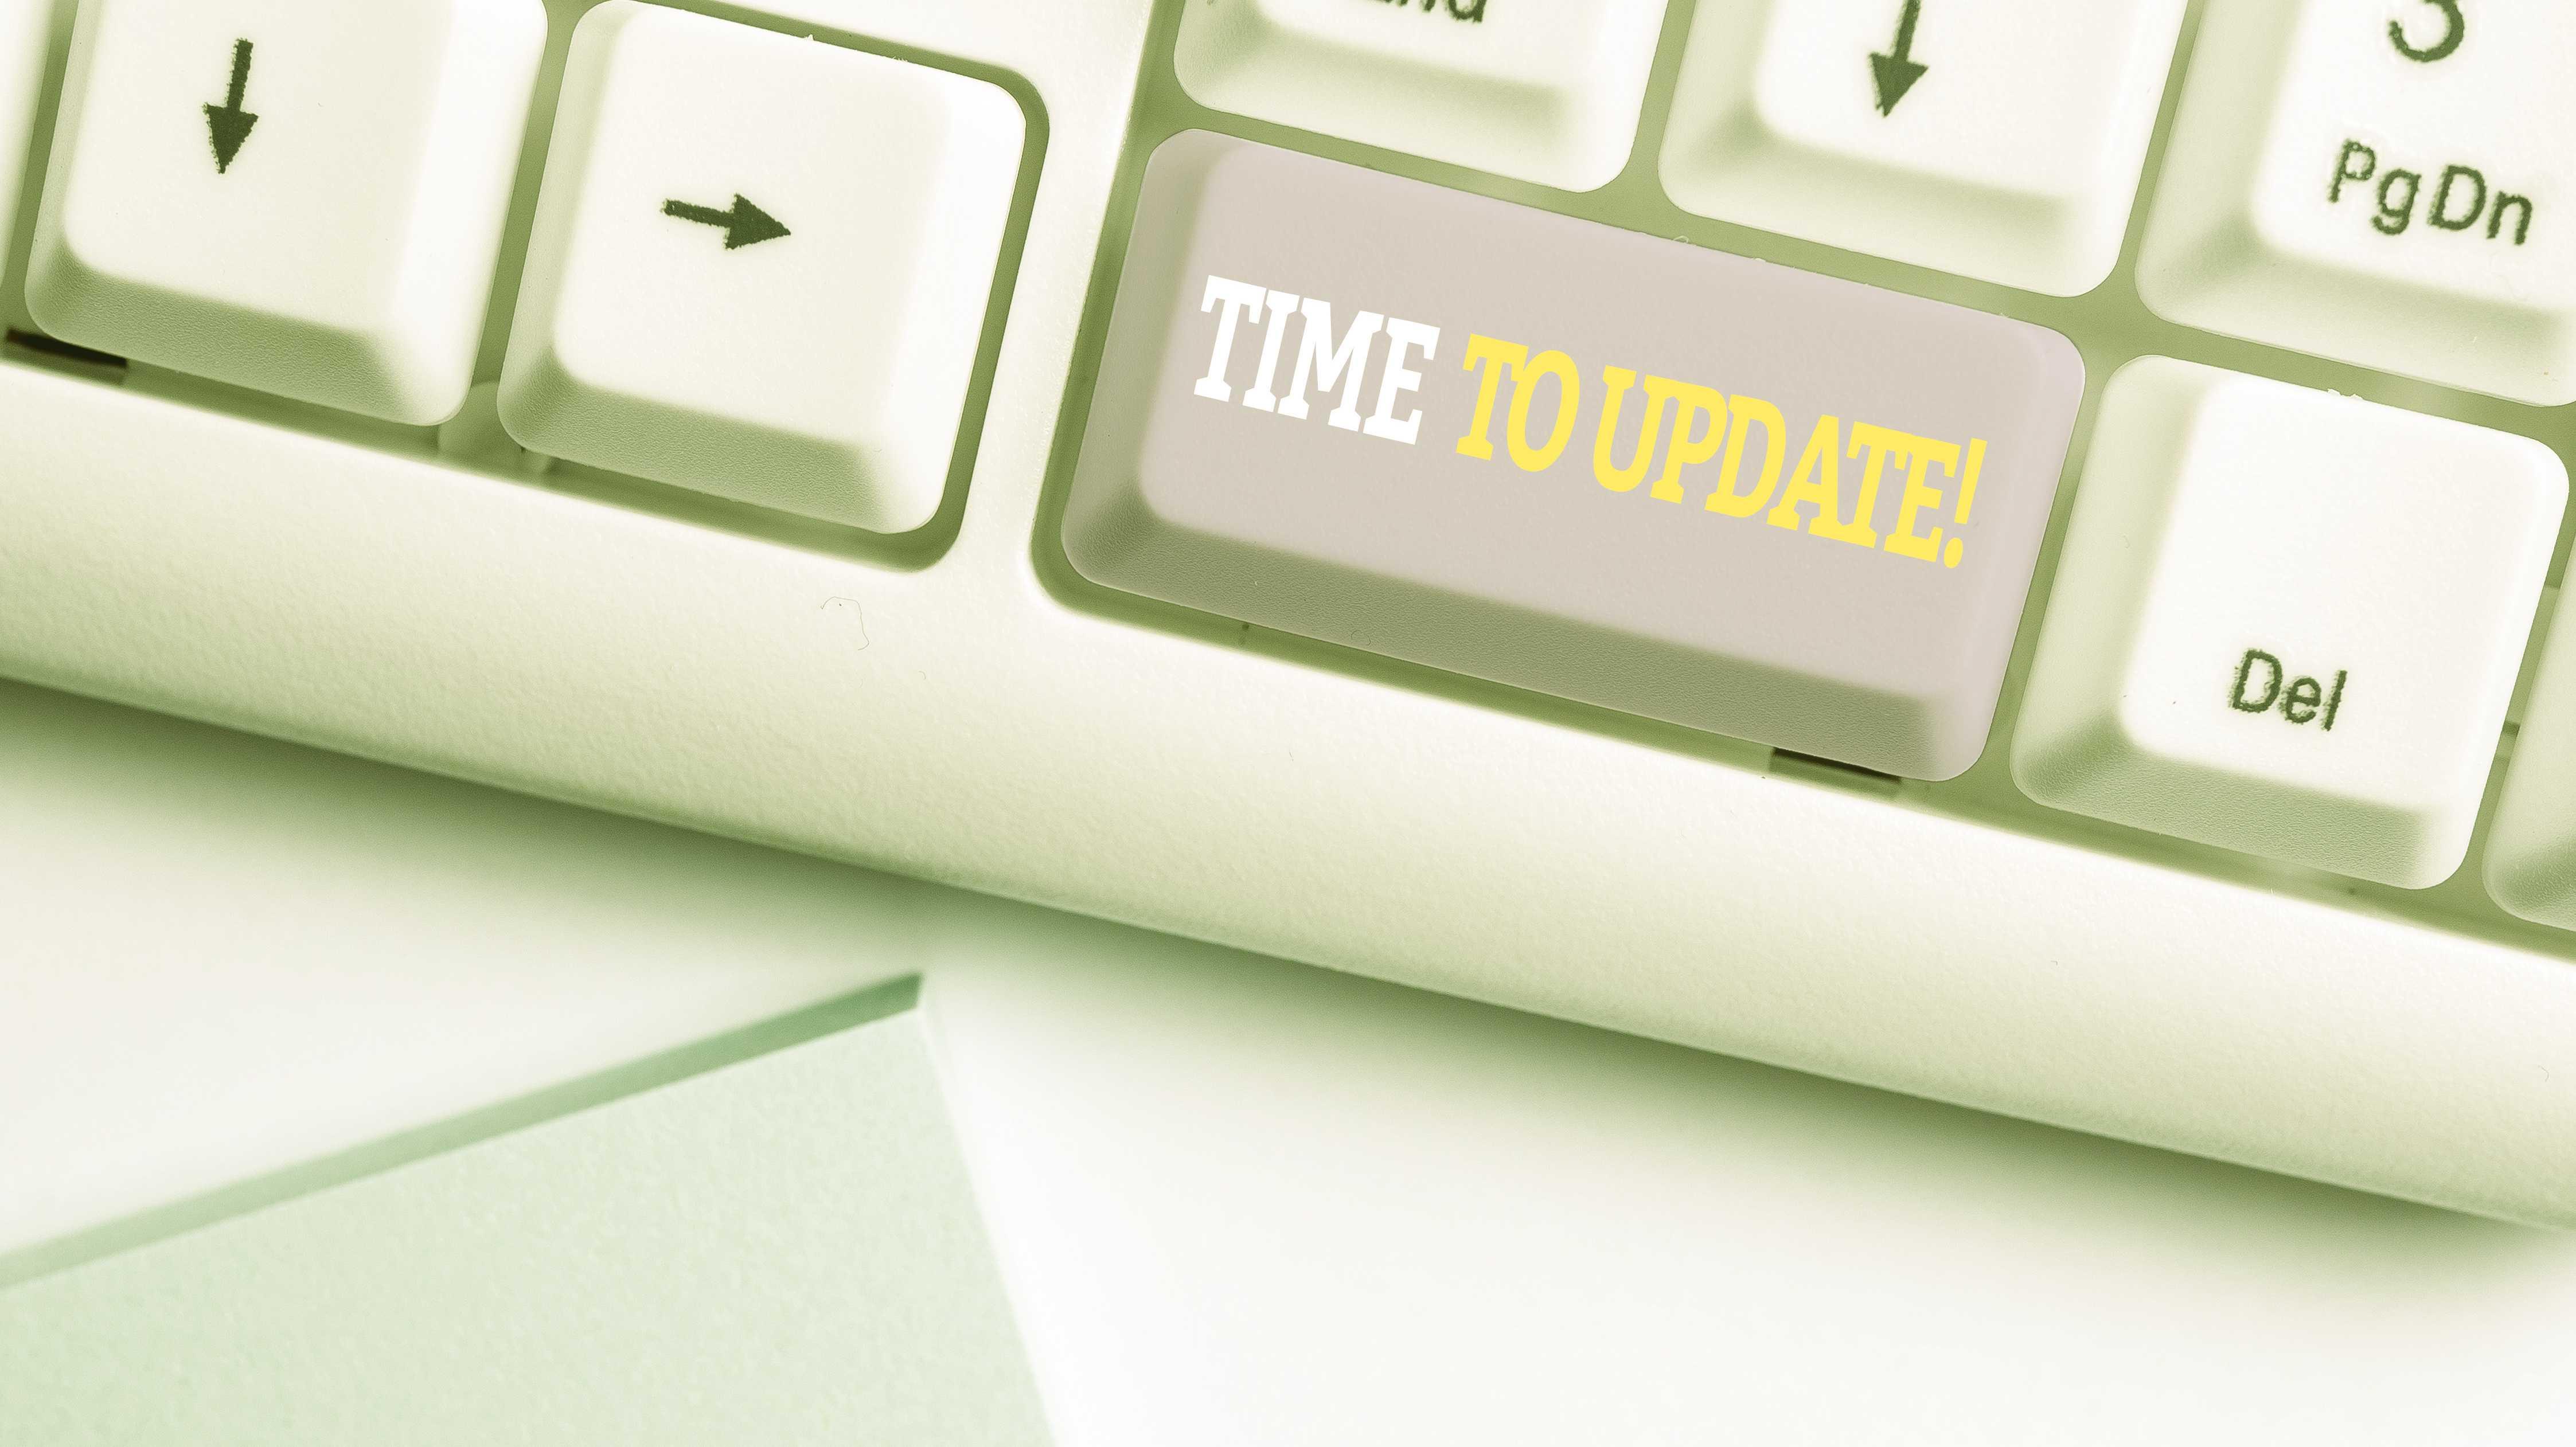 Sicherheitsupdates: Drupal-Websites könnten Schadcode in Browser schießen